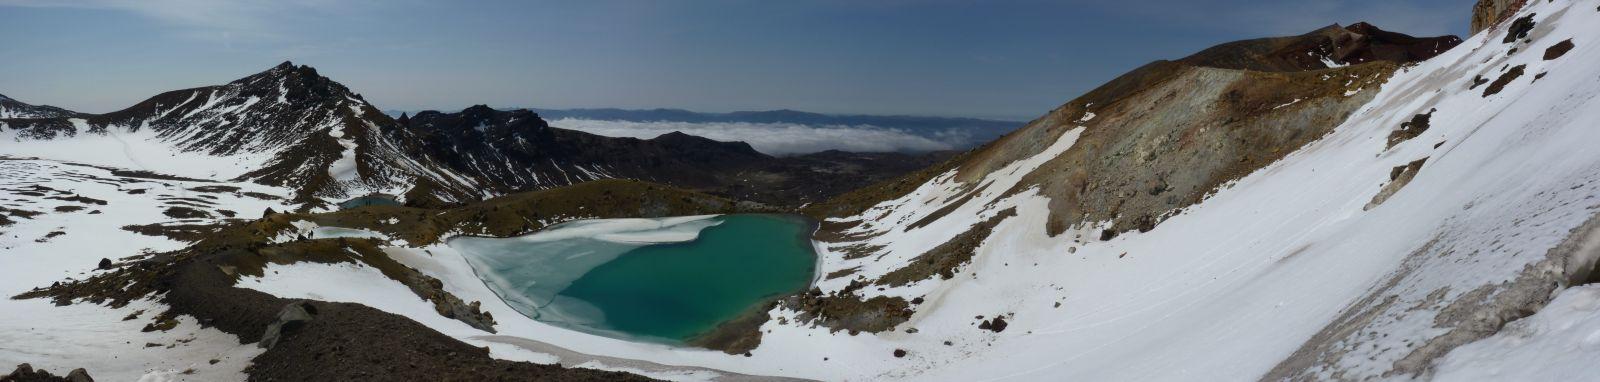 tongariro-alpine-crossing-9